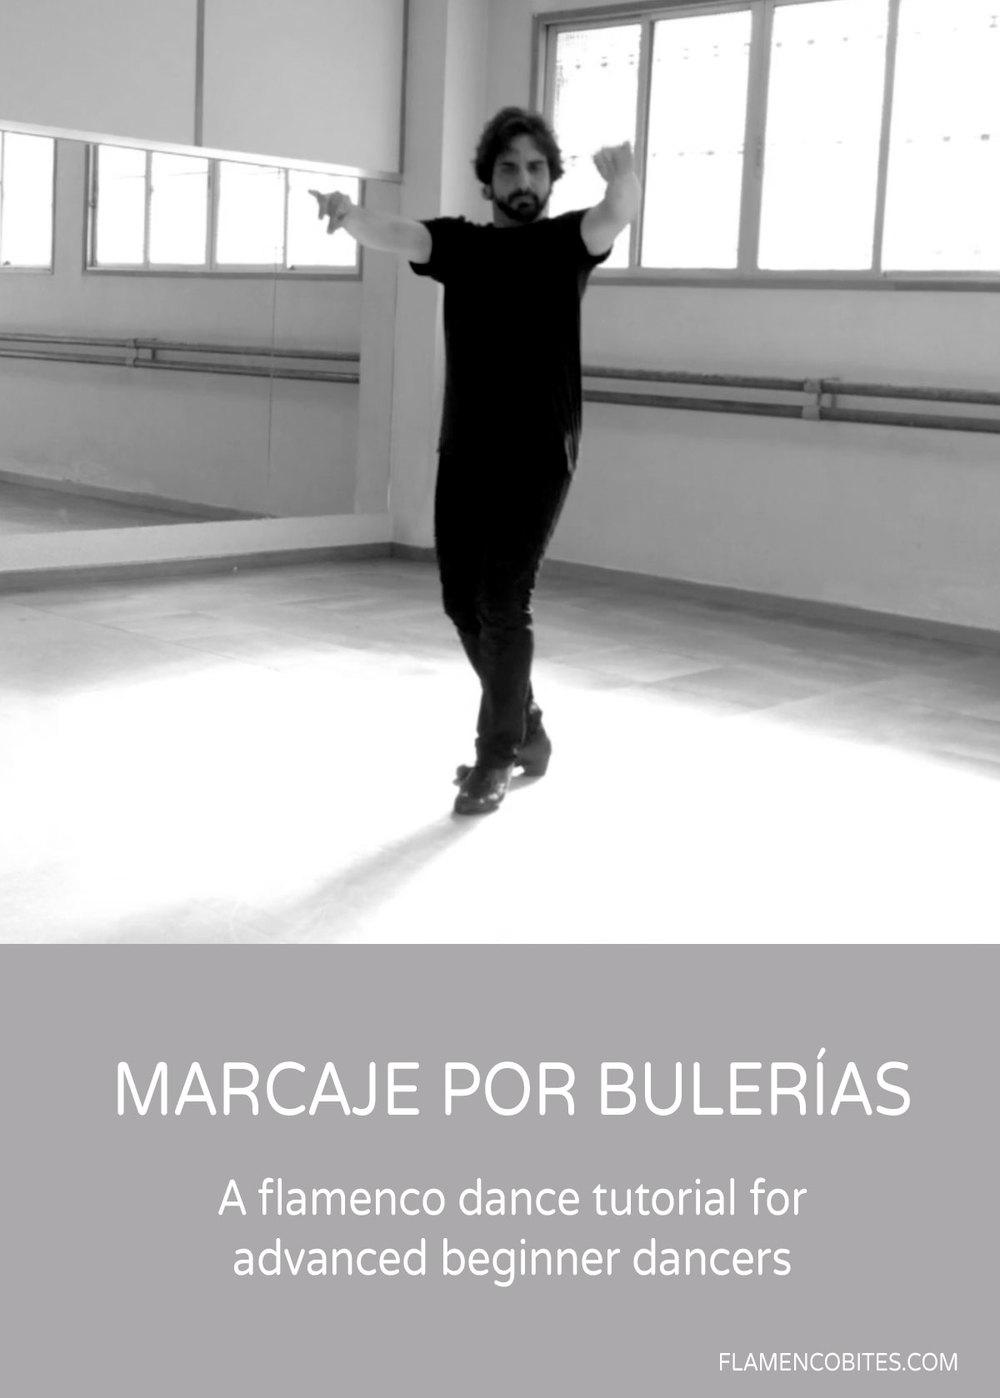 Marcaje por bulerias - Marking step for bulerias | flamencobites.com